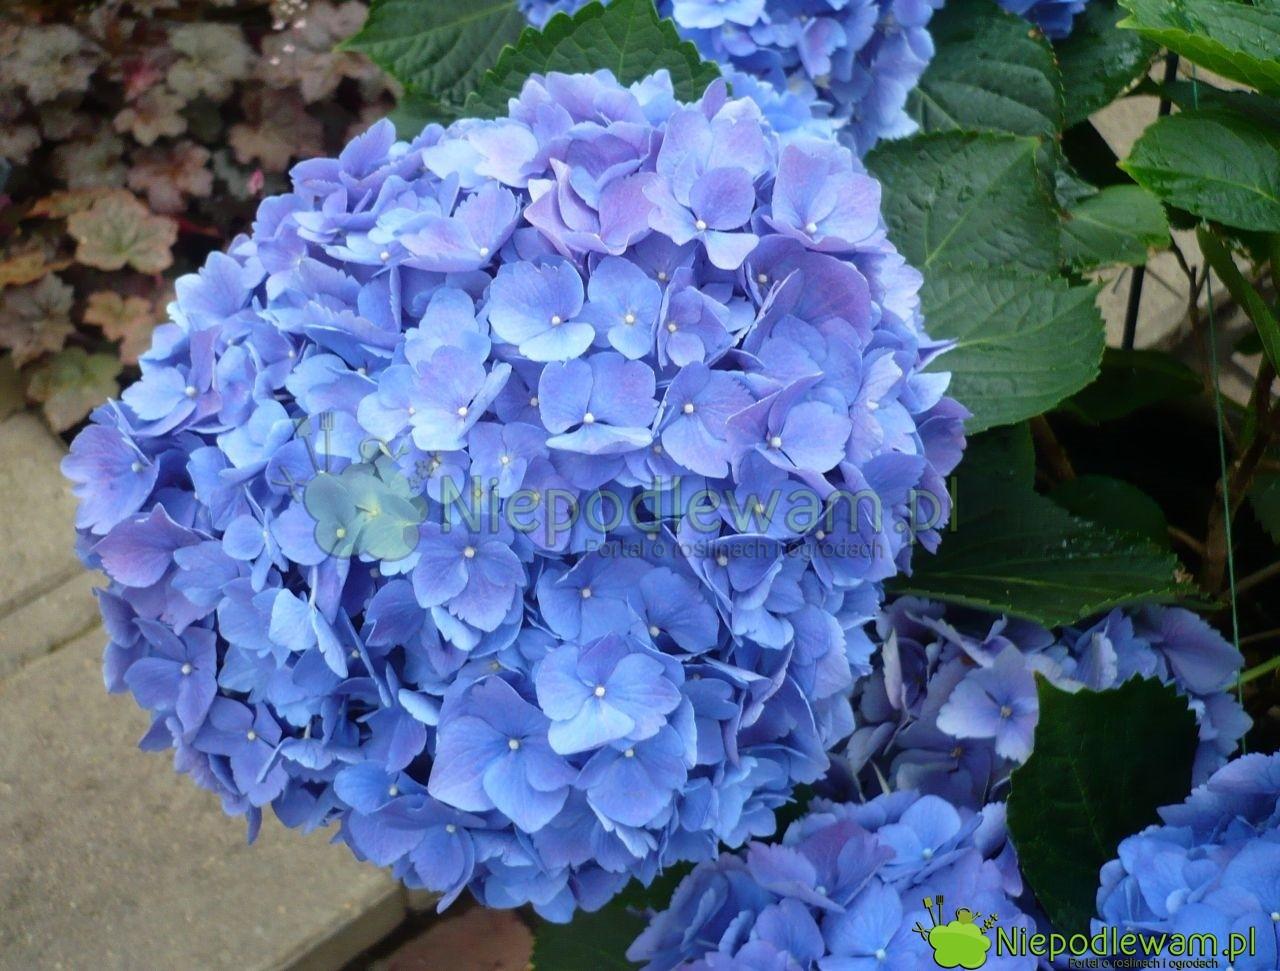 Niebieska hortensja ma tak intensywny kolor, jeśli rośnie w kwaśnej ziemi. Nie wszystkie odmiany zmieniają kolor na niebieski. Fot. Niepodlewam